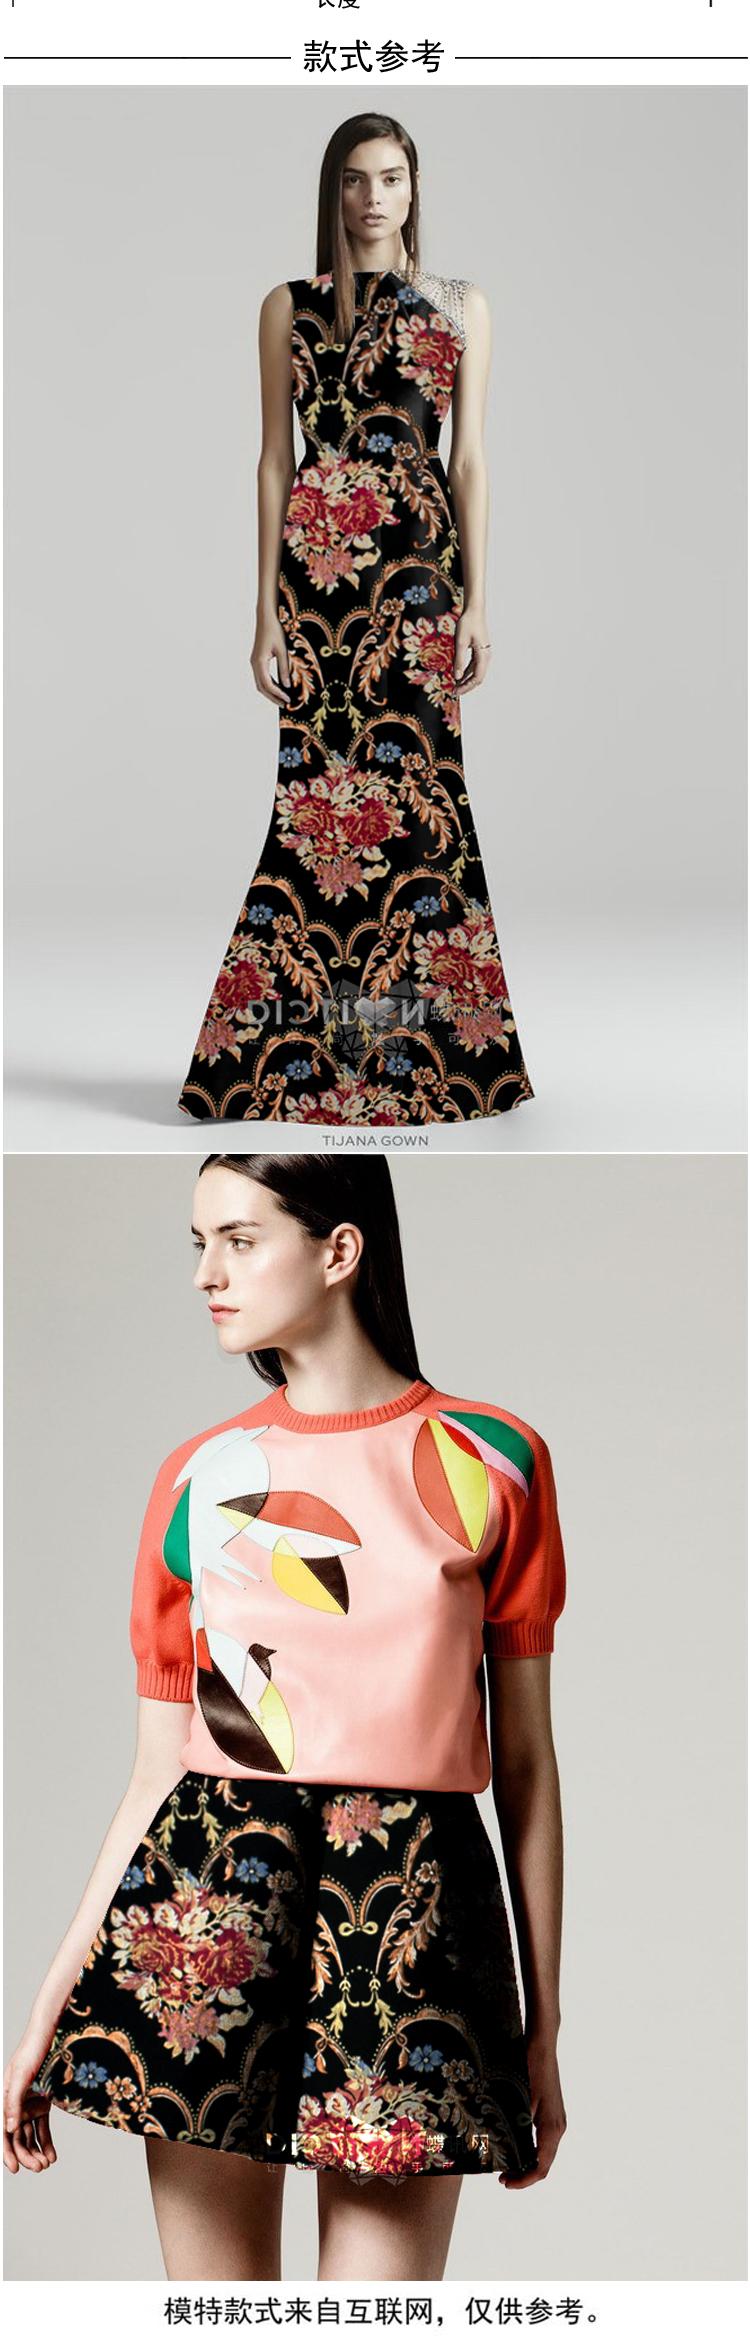 Купить юбку из жаккардовой ткани